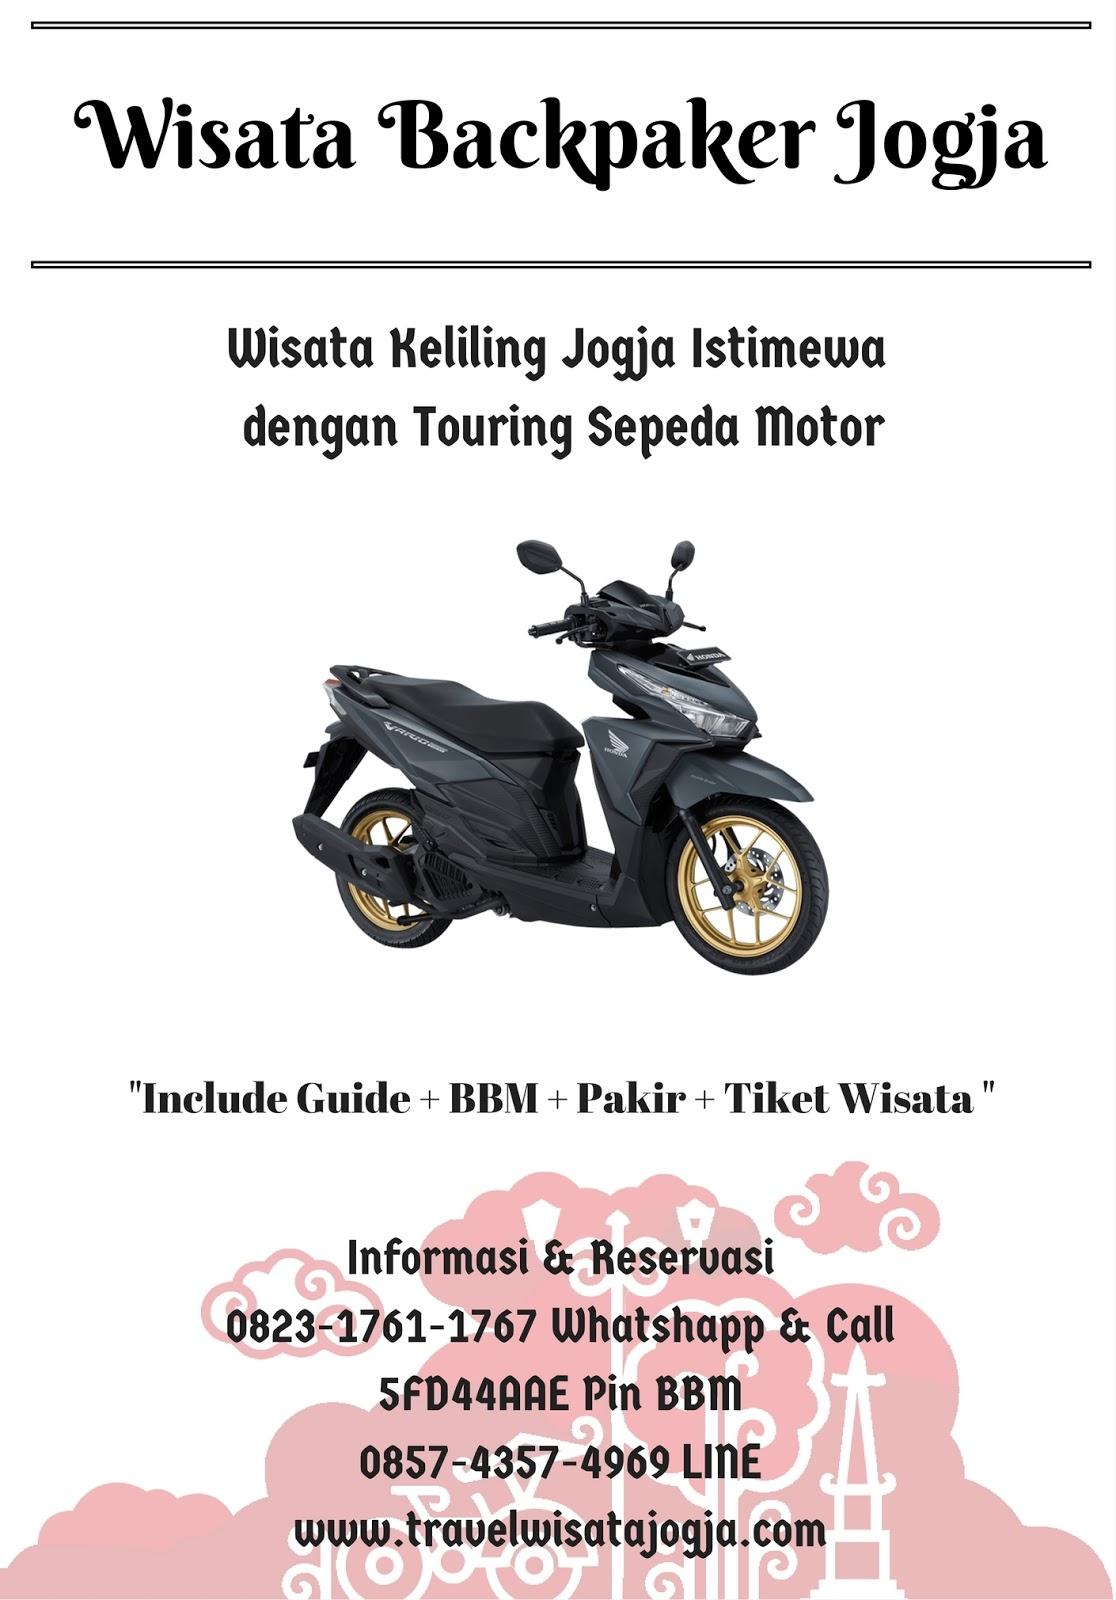 Paket Wisata Backpaker || Wisata Touring dengan Sepeda Motor